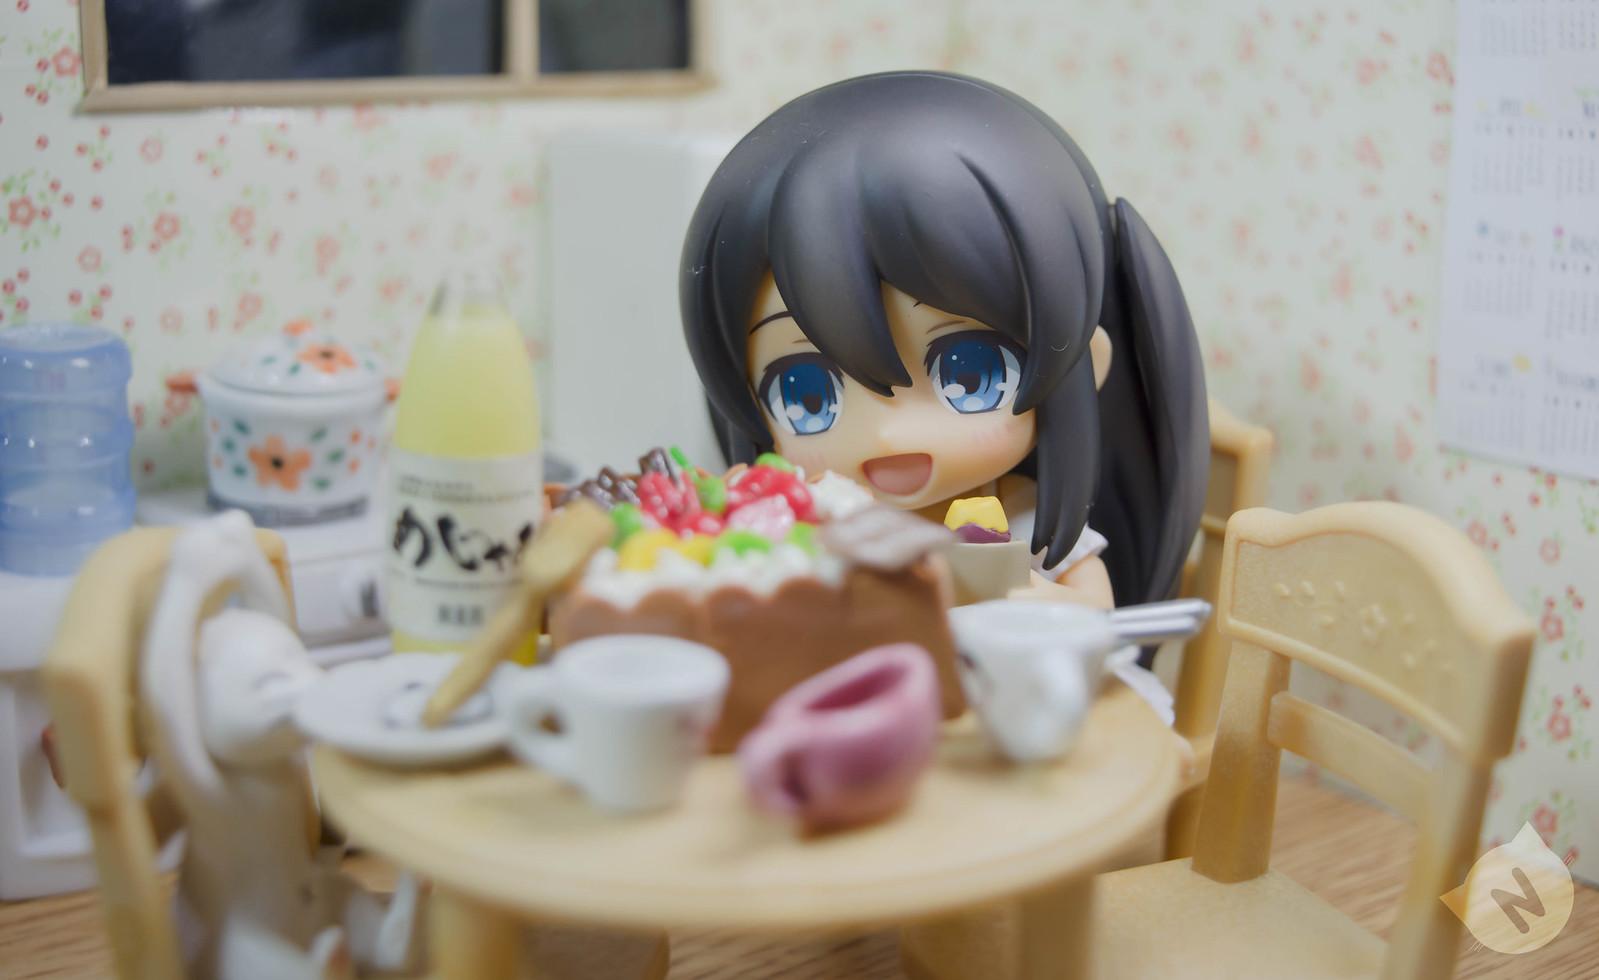 Nendoroid Me: Hana Mutou!